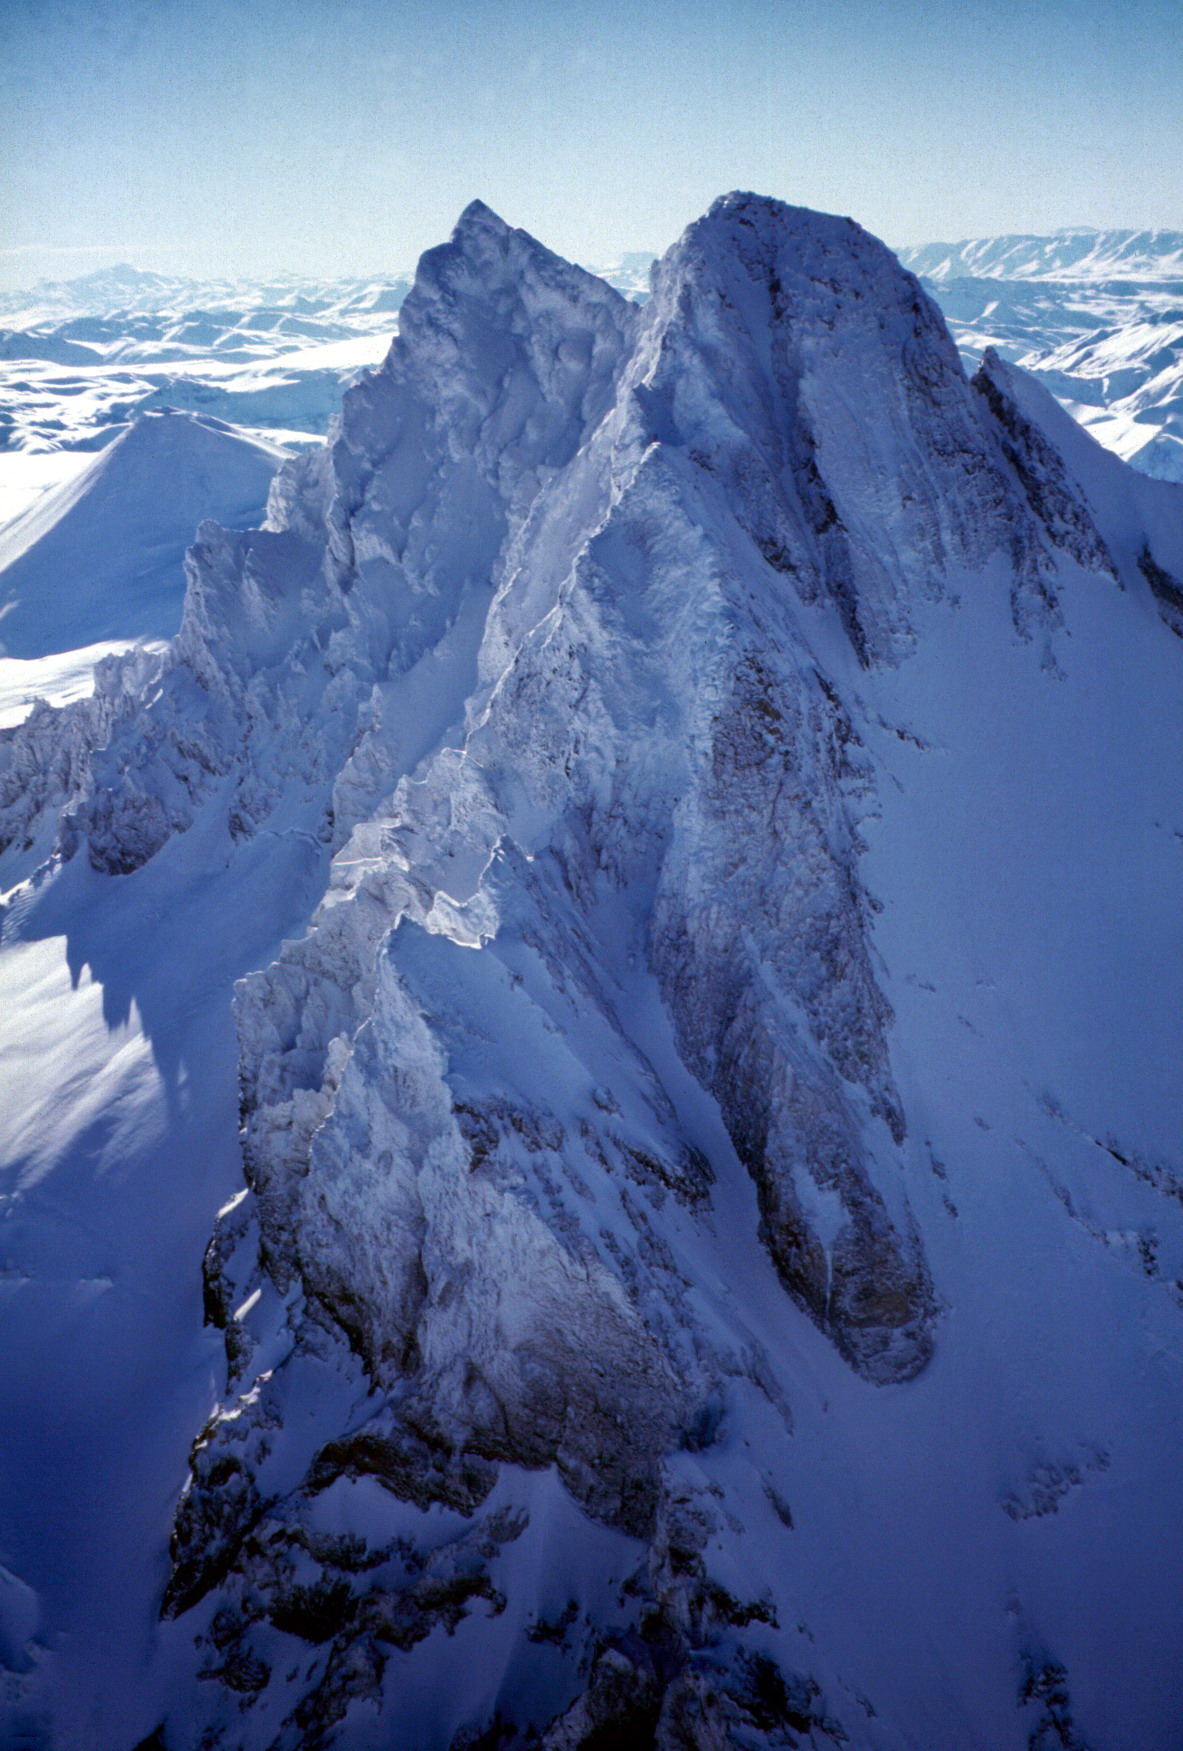 La cordigliera o catena montuosa delle Ande